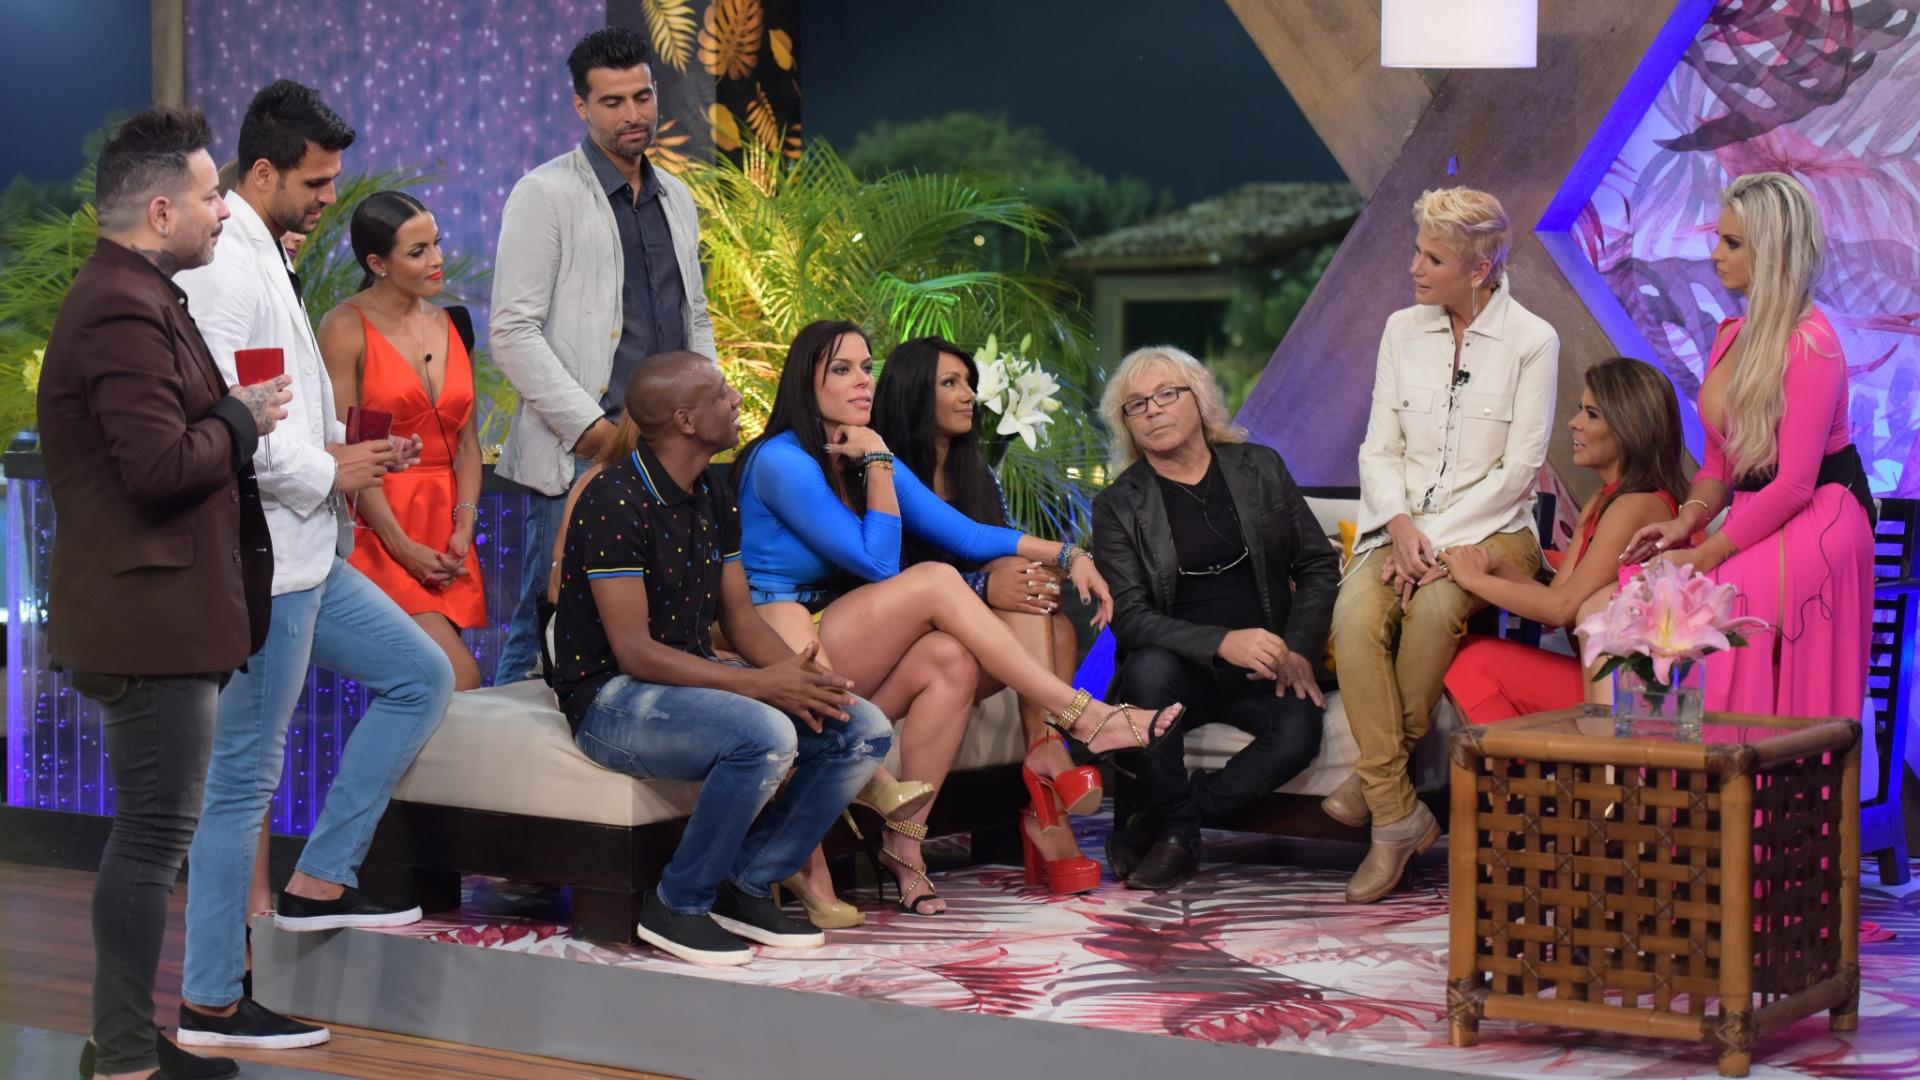 6.dez.2015 - Mais uma vez os peões estão reunidos, agora com a presença de Xuxa